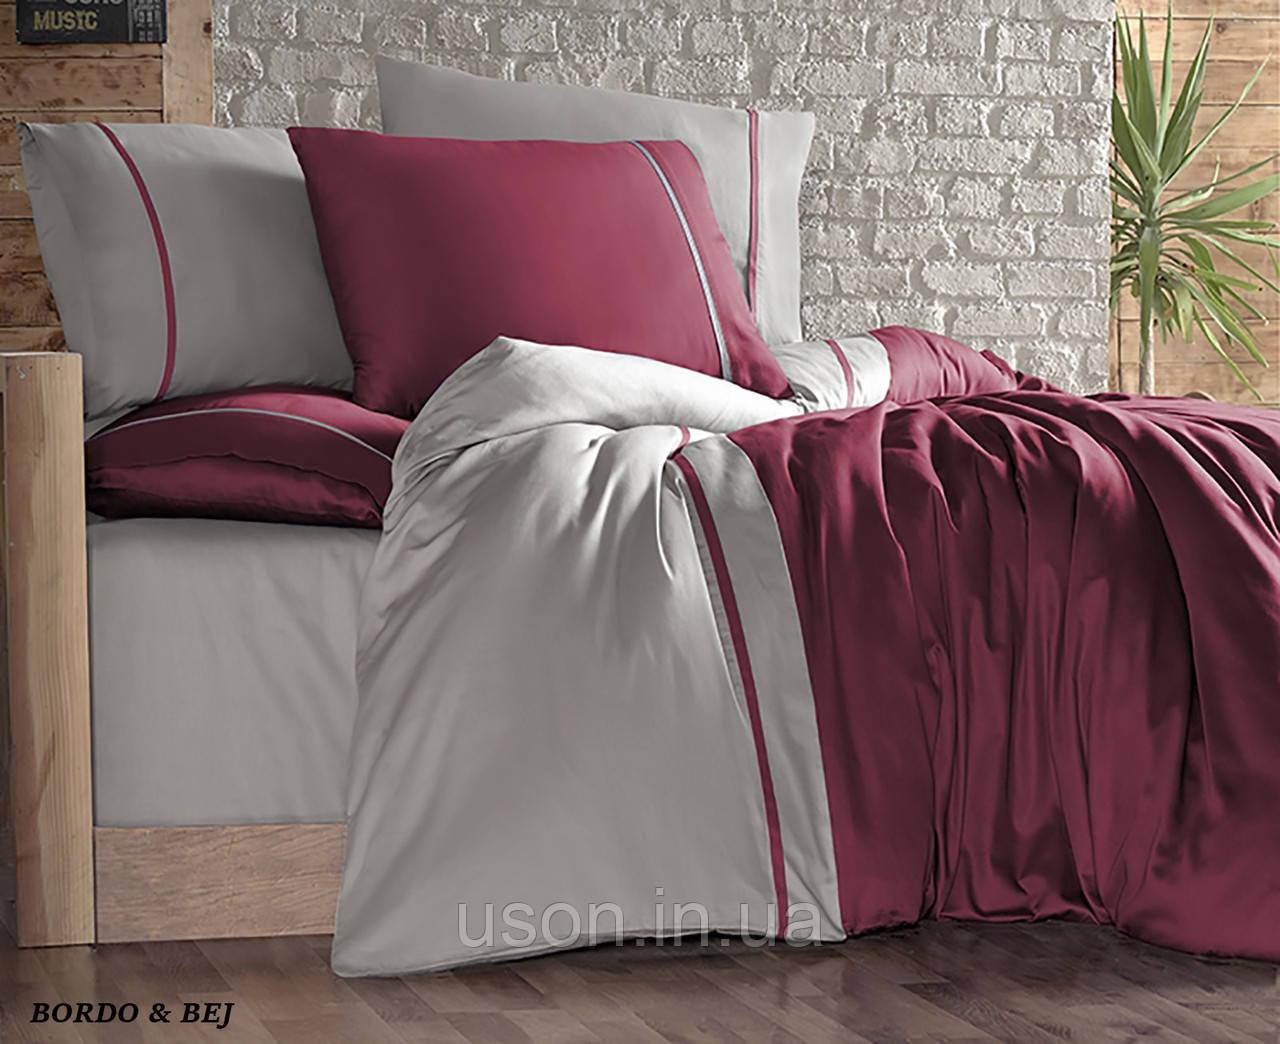 Комплект постельного белья сатин First Choice евро размер Bordo & Bej